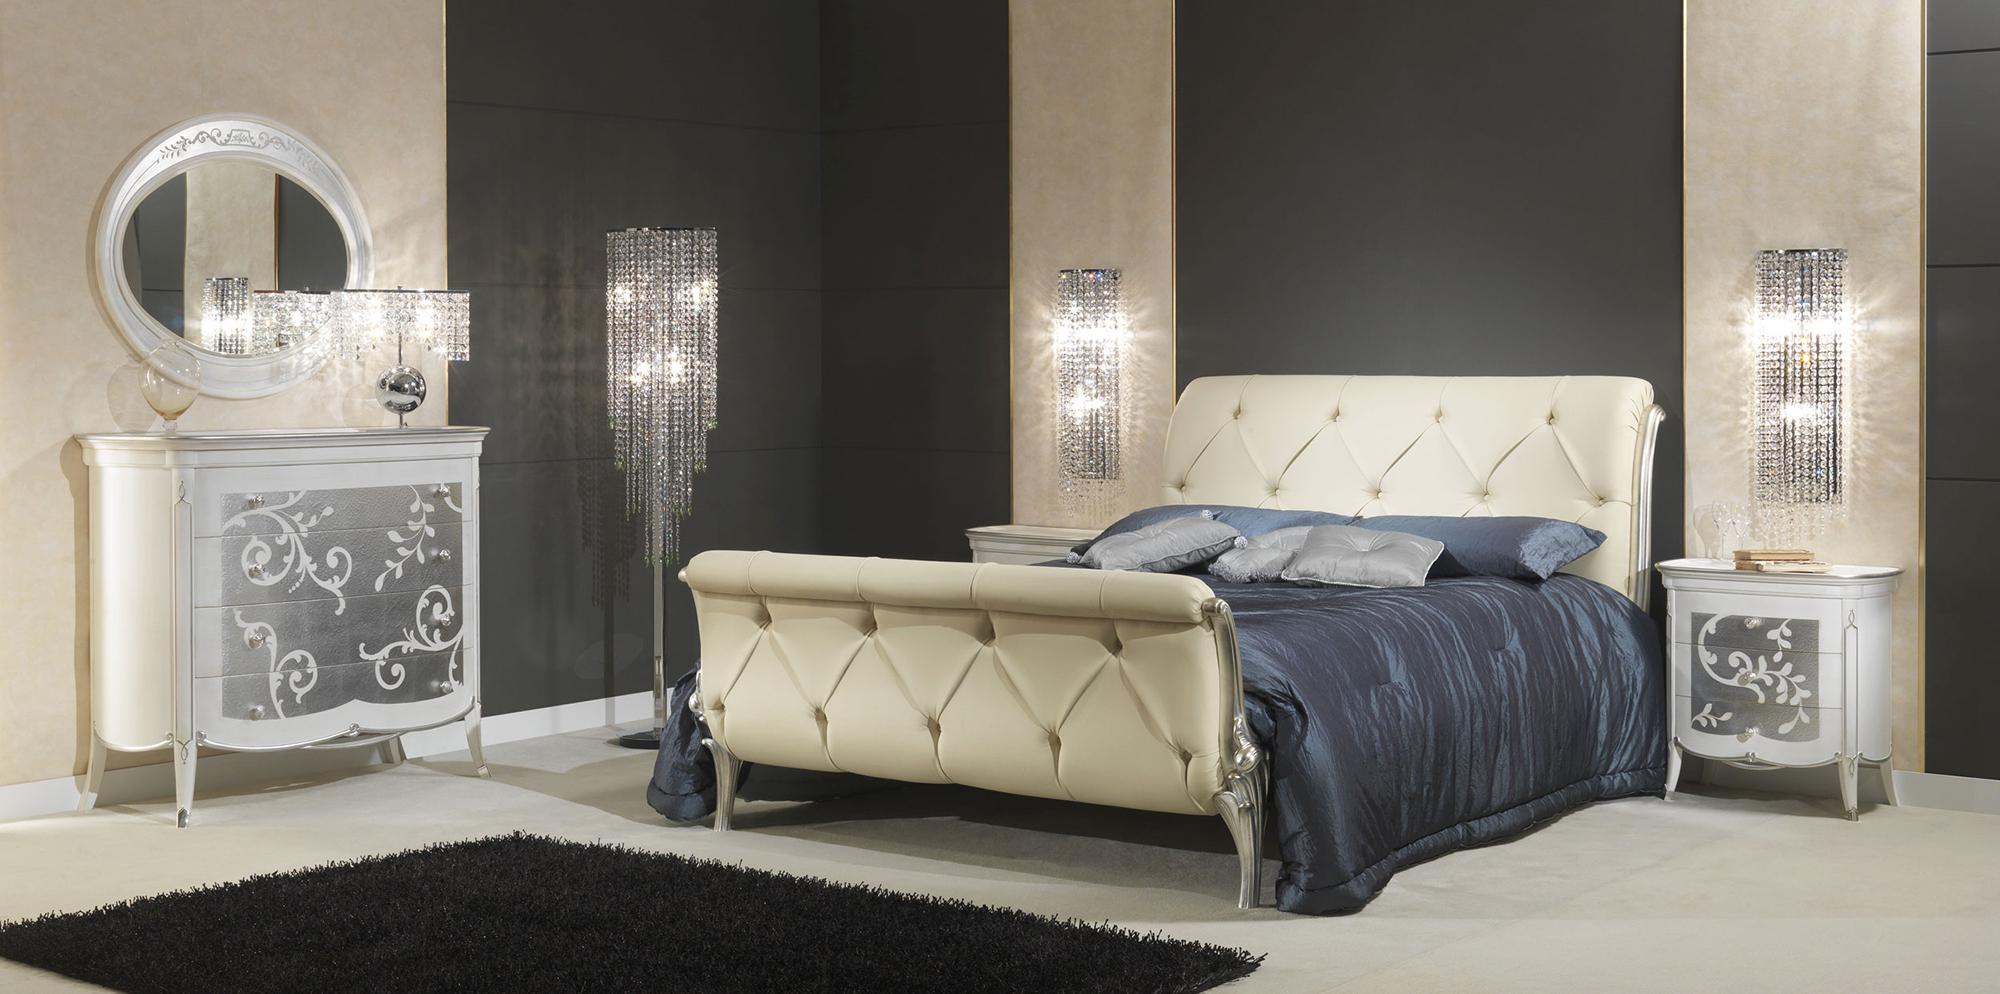 Бежевая и белая мебель в стиле арт-деко в спальне